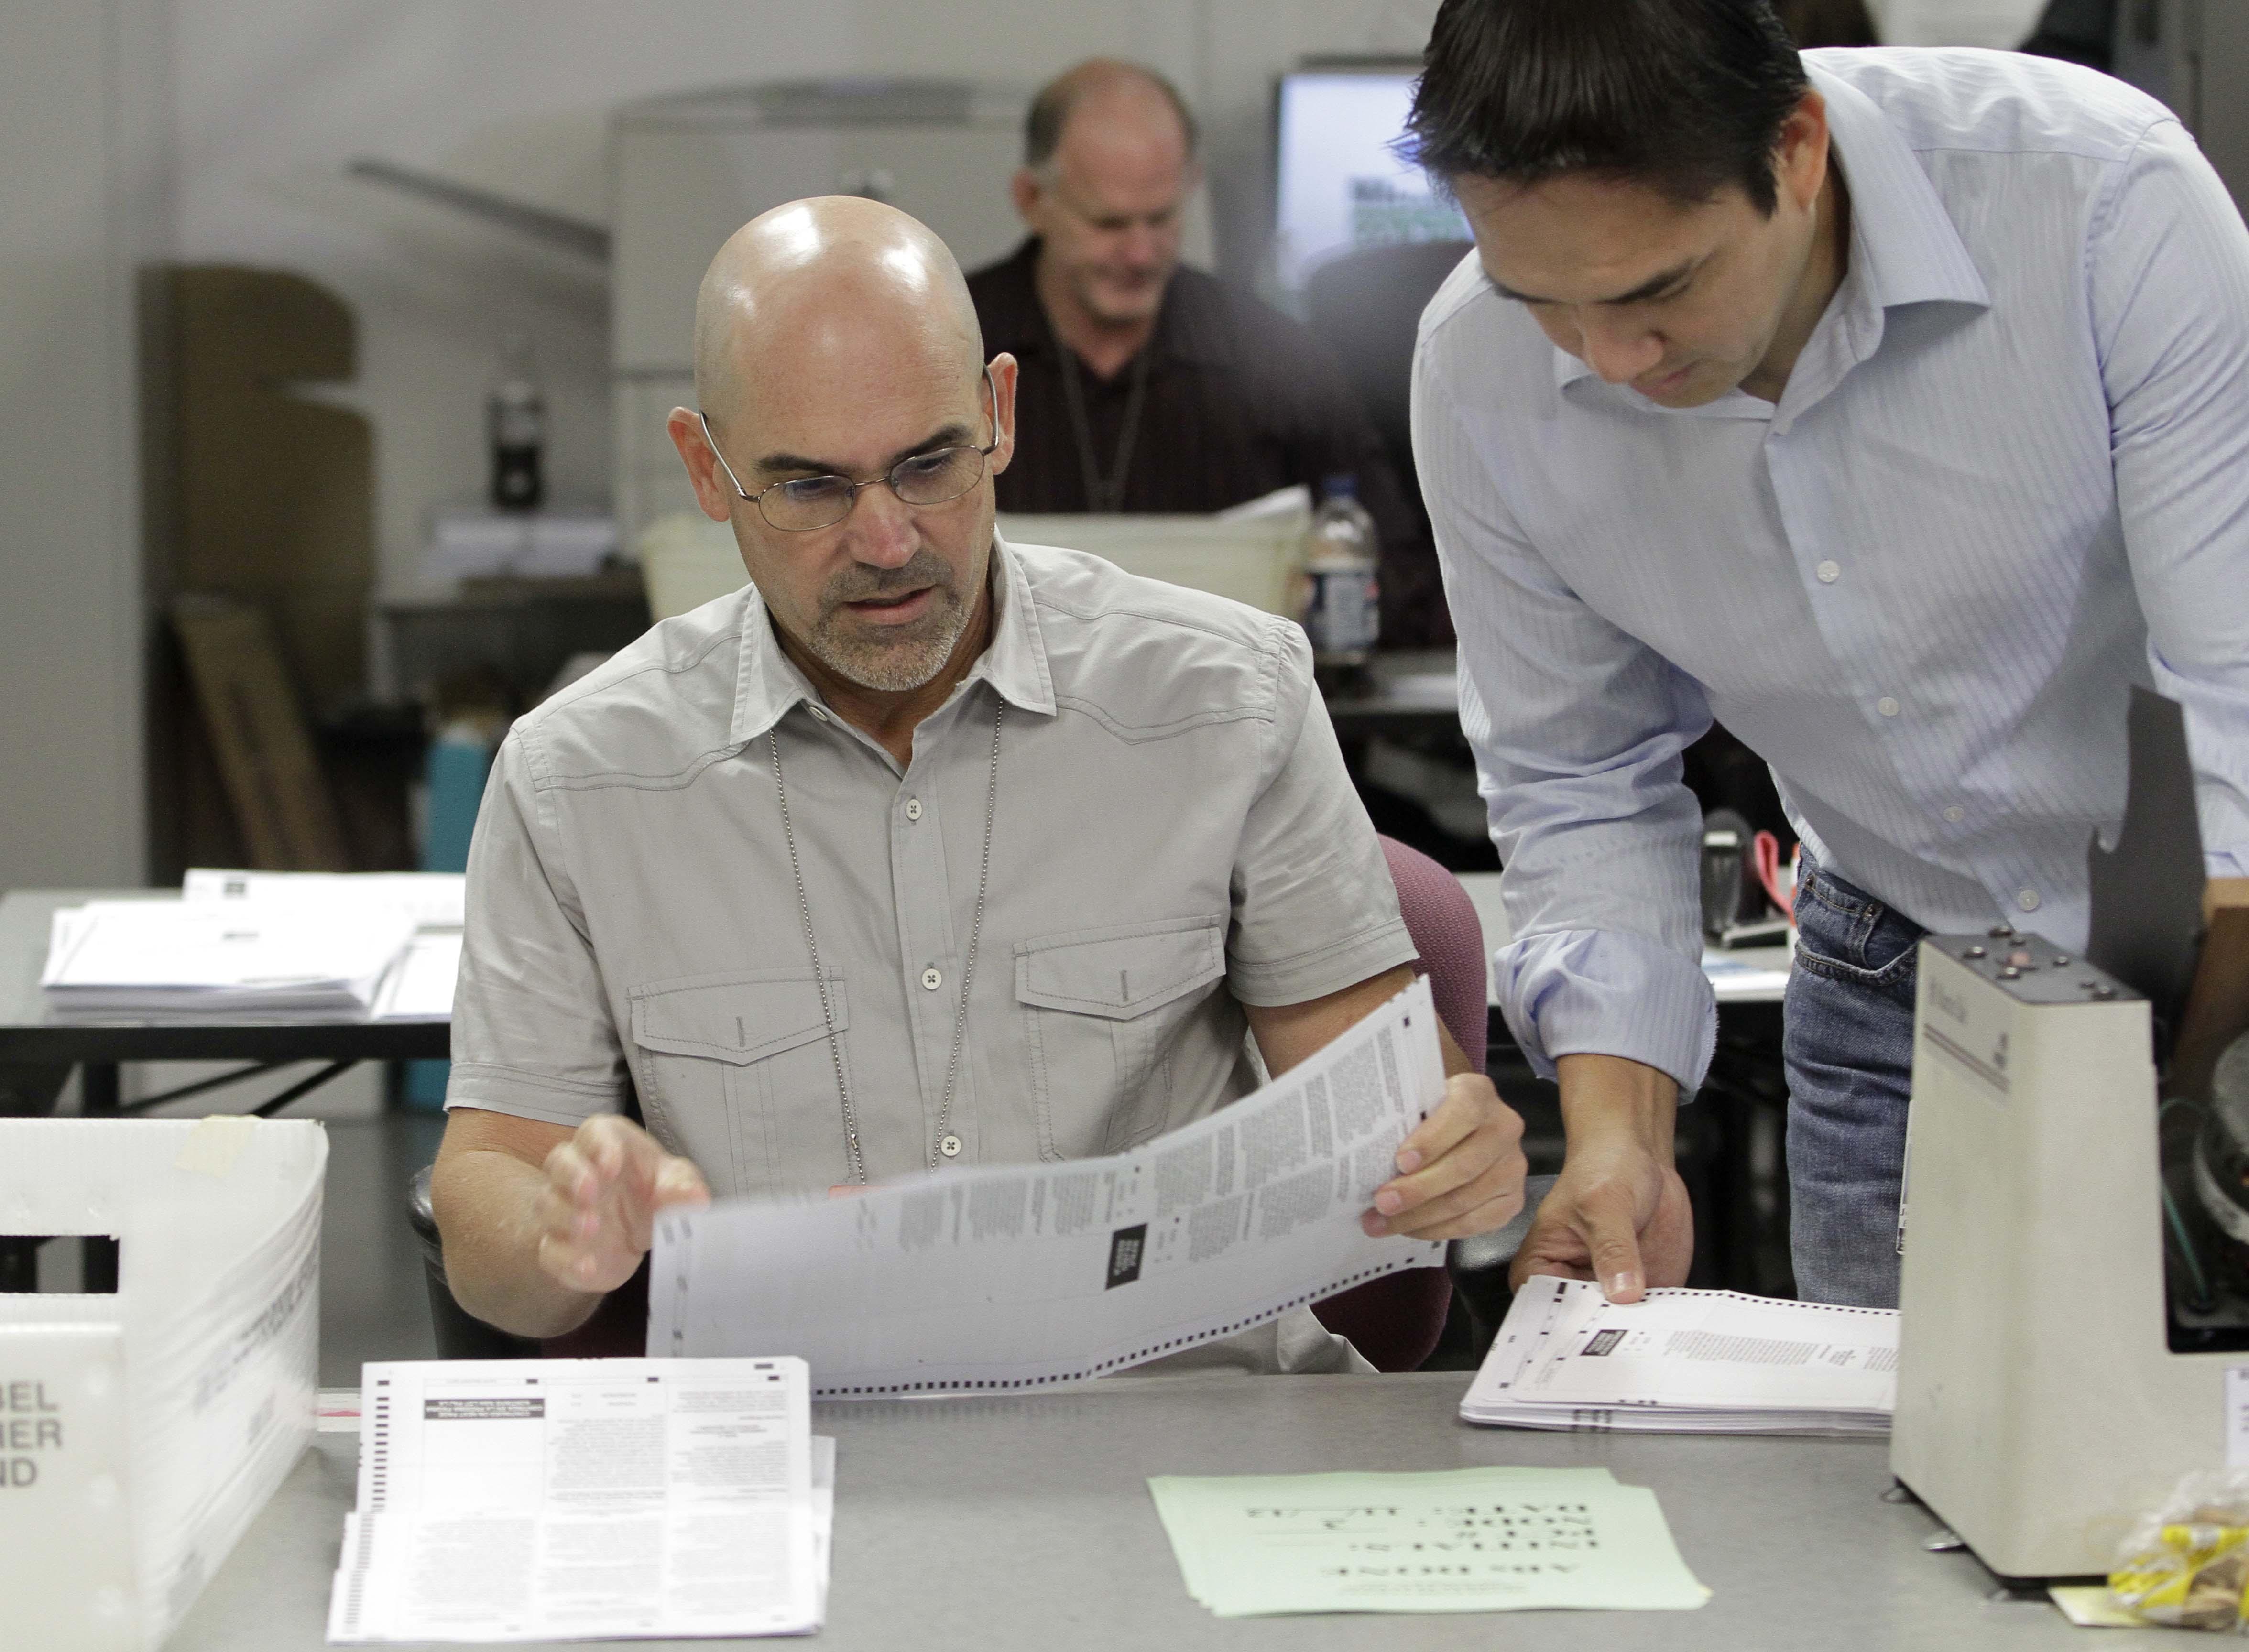 Elecciones en EE.UU: continúa el conteo de votos en el estado clave de Florida